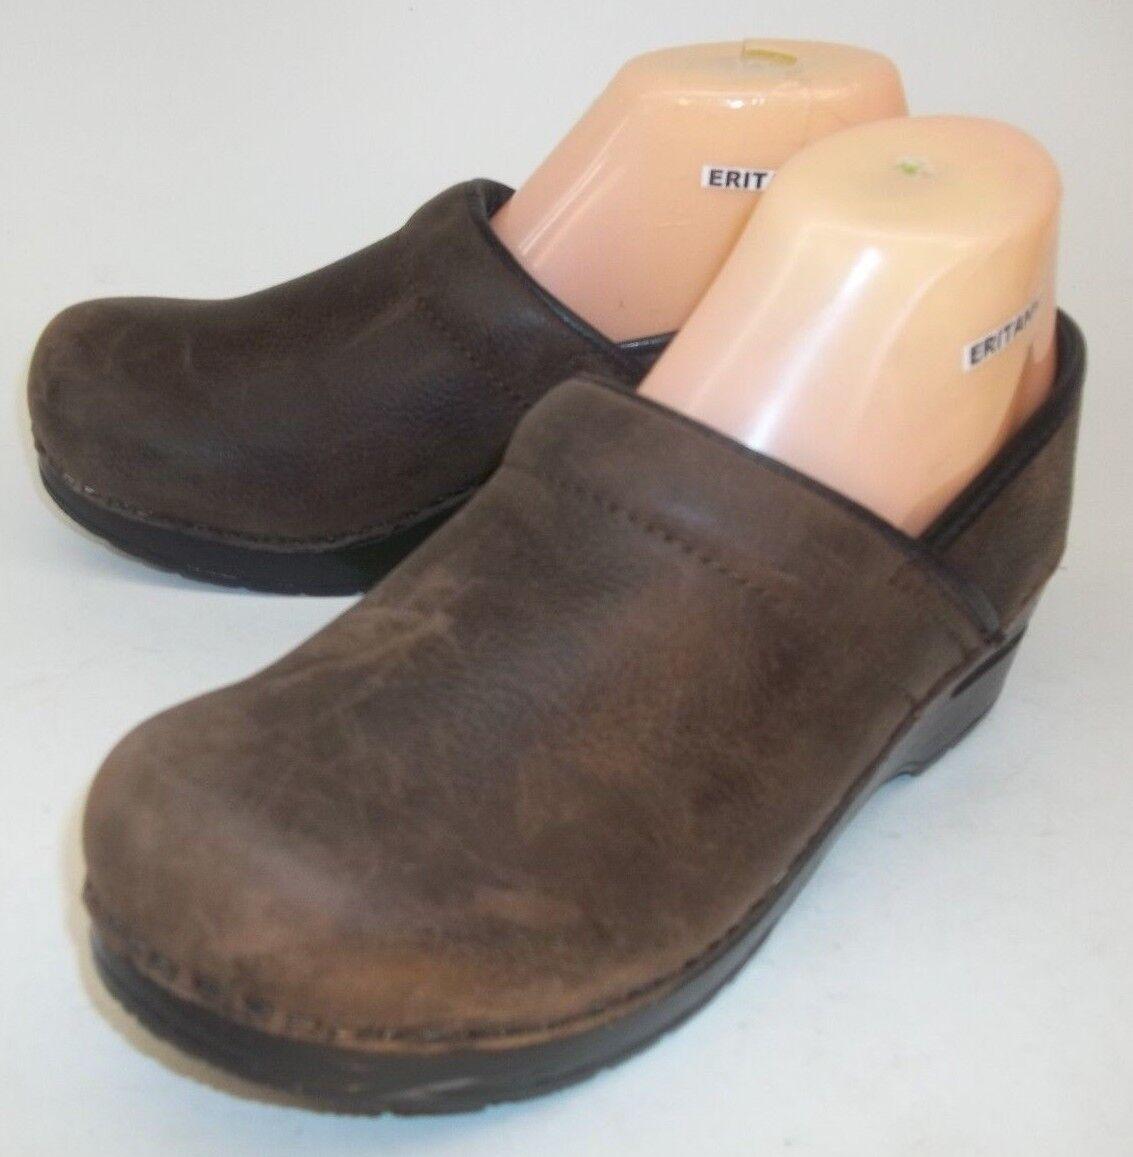 Zuecos Sanita Sanita Sanita Mujer Zapatos danés EU 39 nos 8.5 9 Marrón Cuero Trabajo Profesional  solo para ti